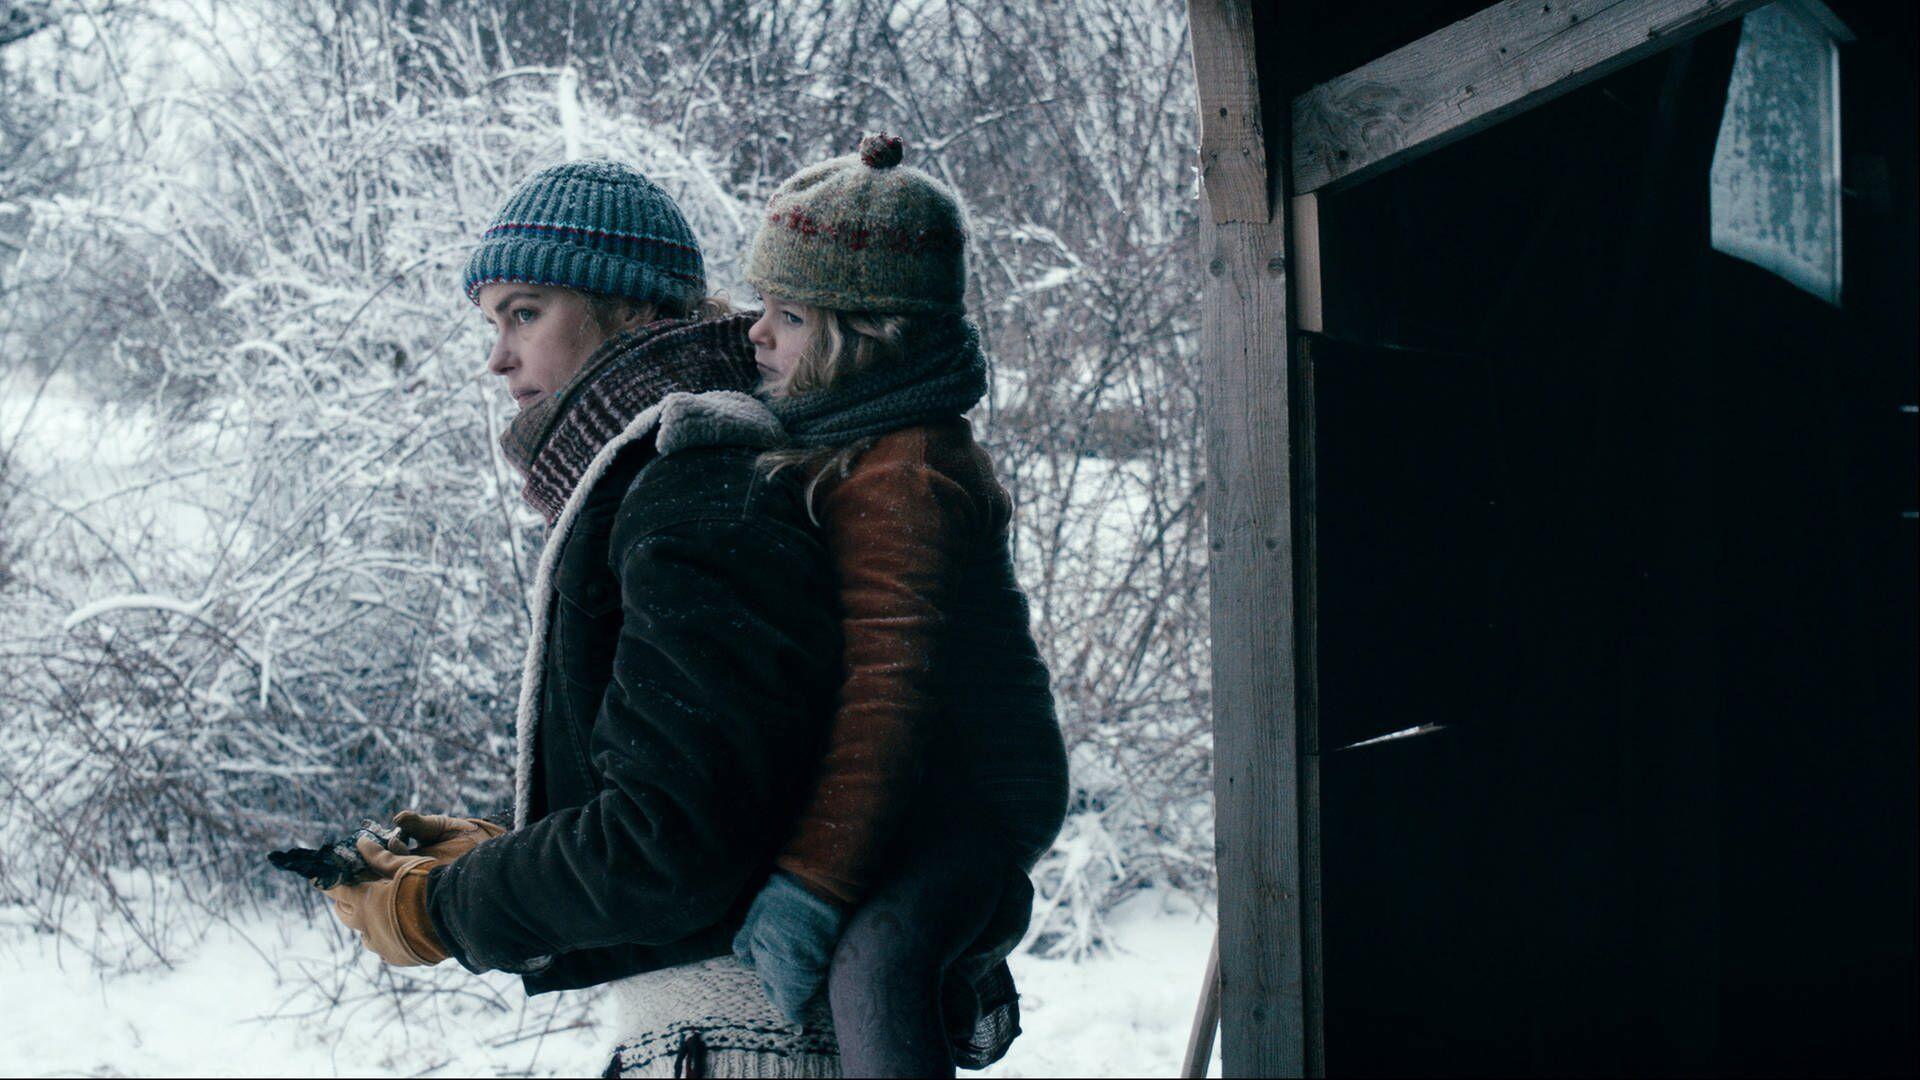 """Image for """"Pelikanblut"""" von Katrin Gebbe feiert Weltpremiere beim Filmfestival von Venedig"""